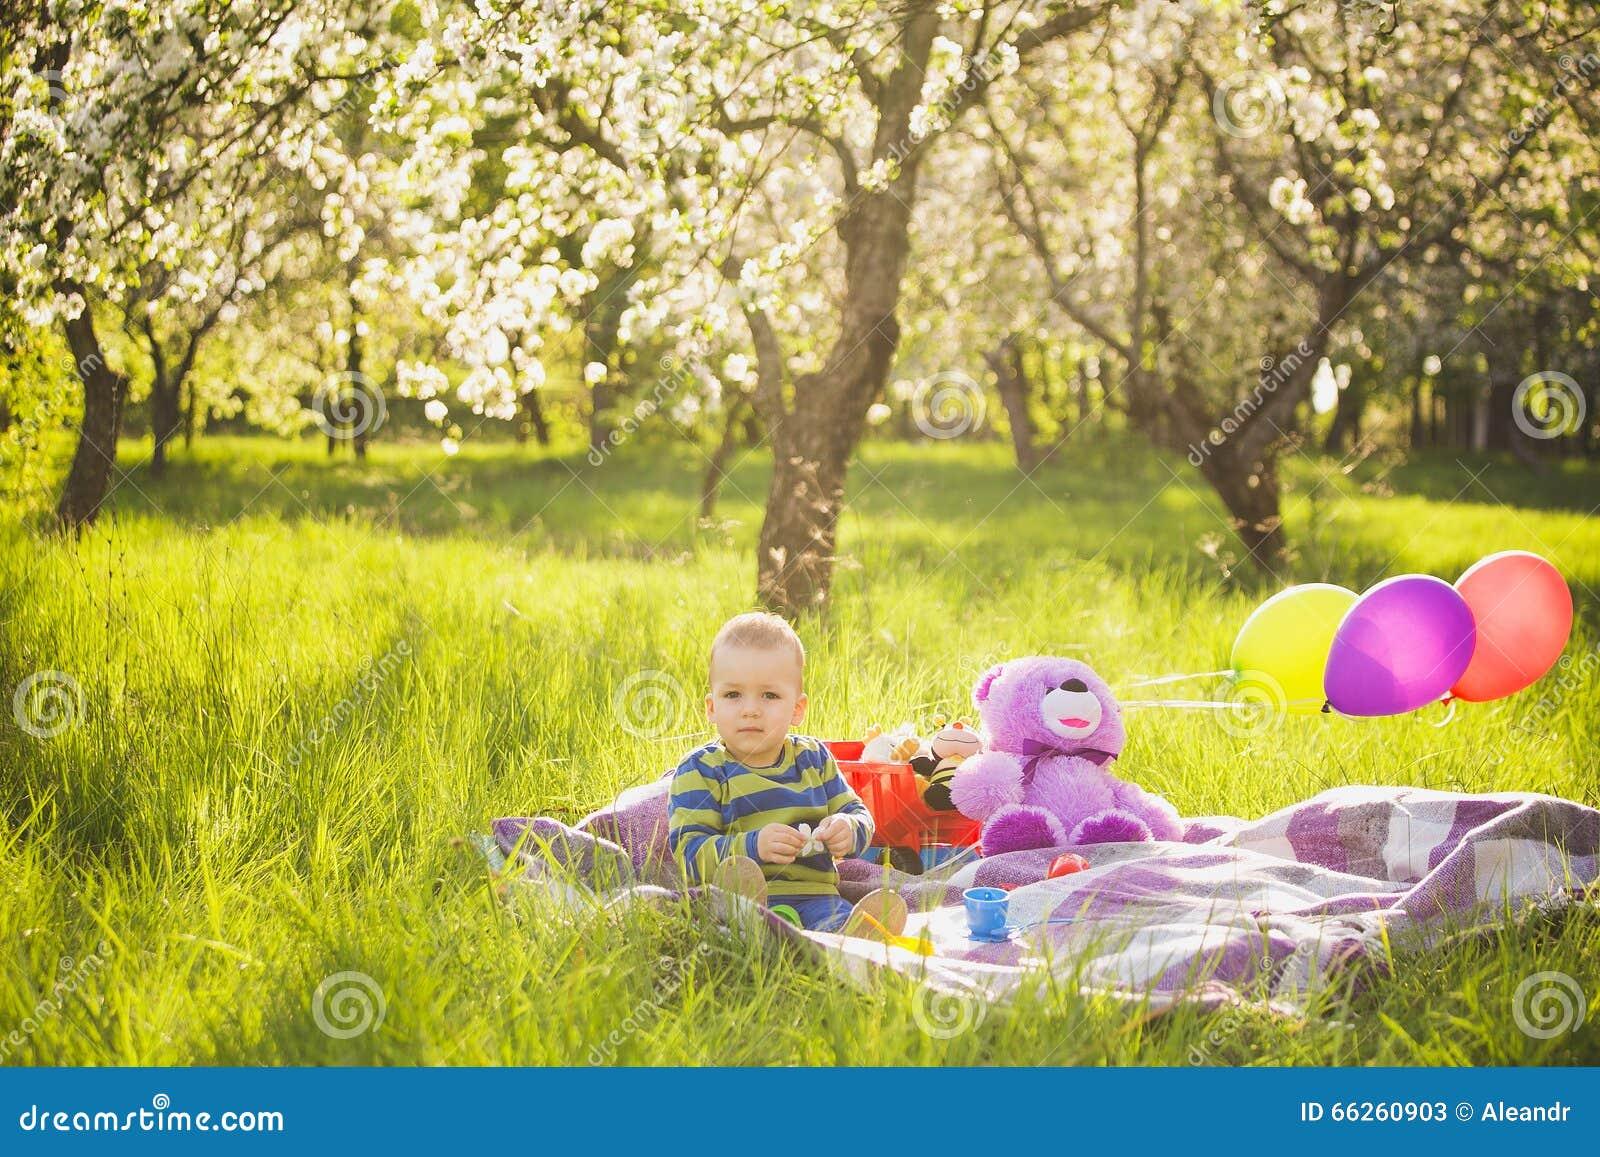 演奏玩具的小男婴坐美国钞票草外面